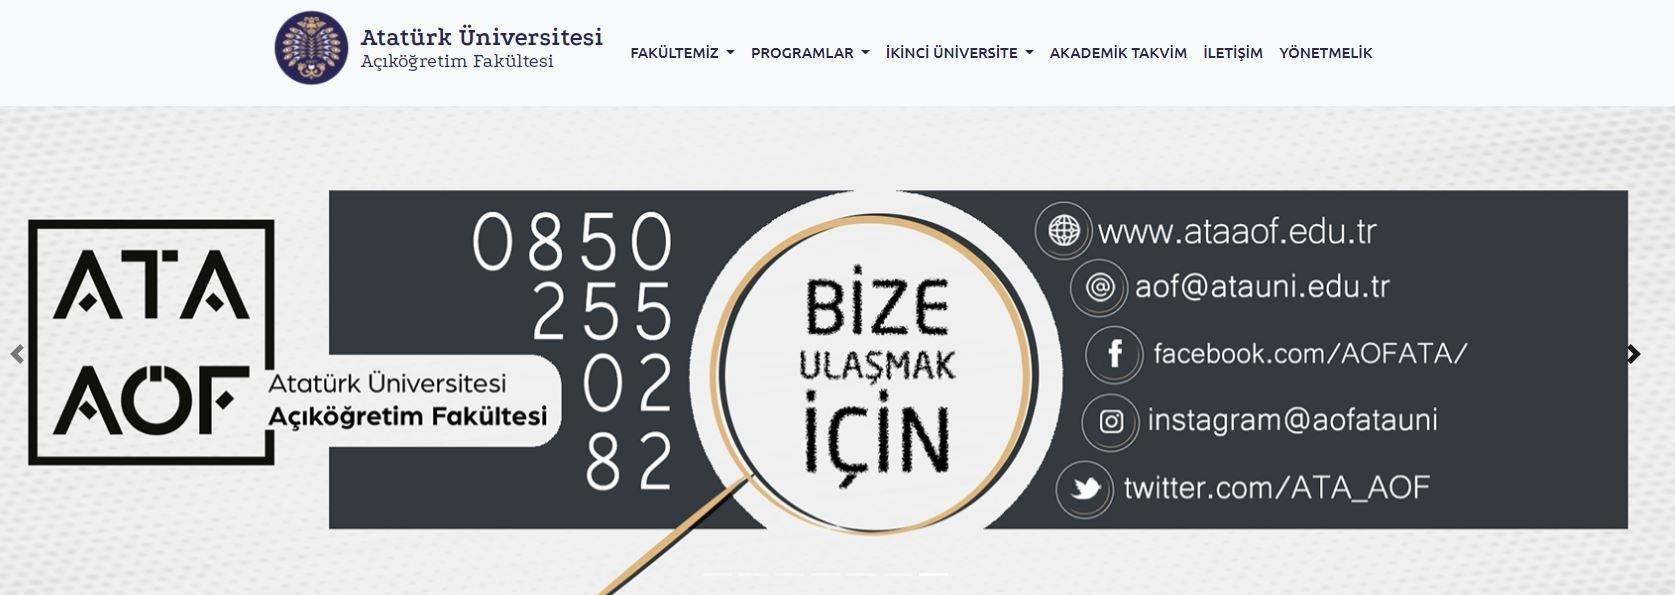 Erzurum-Atatürk-Üniversitesi-Açık-öğretim-Fakültesi-harc-2021-2022